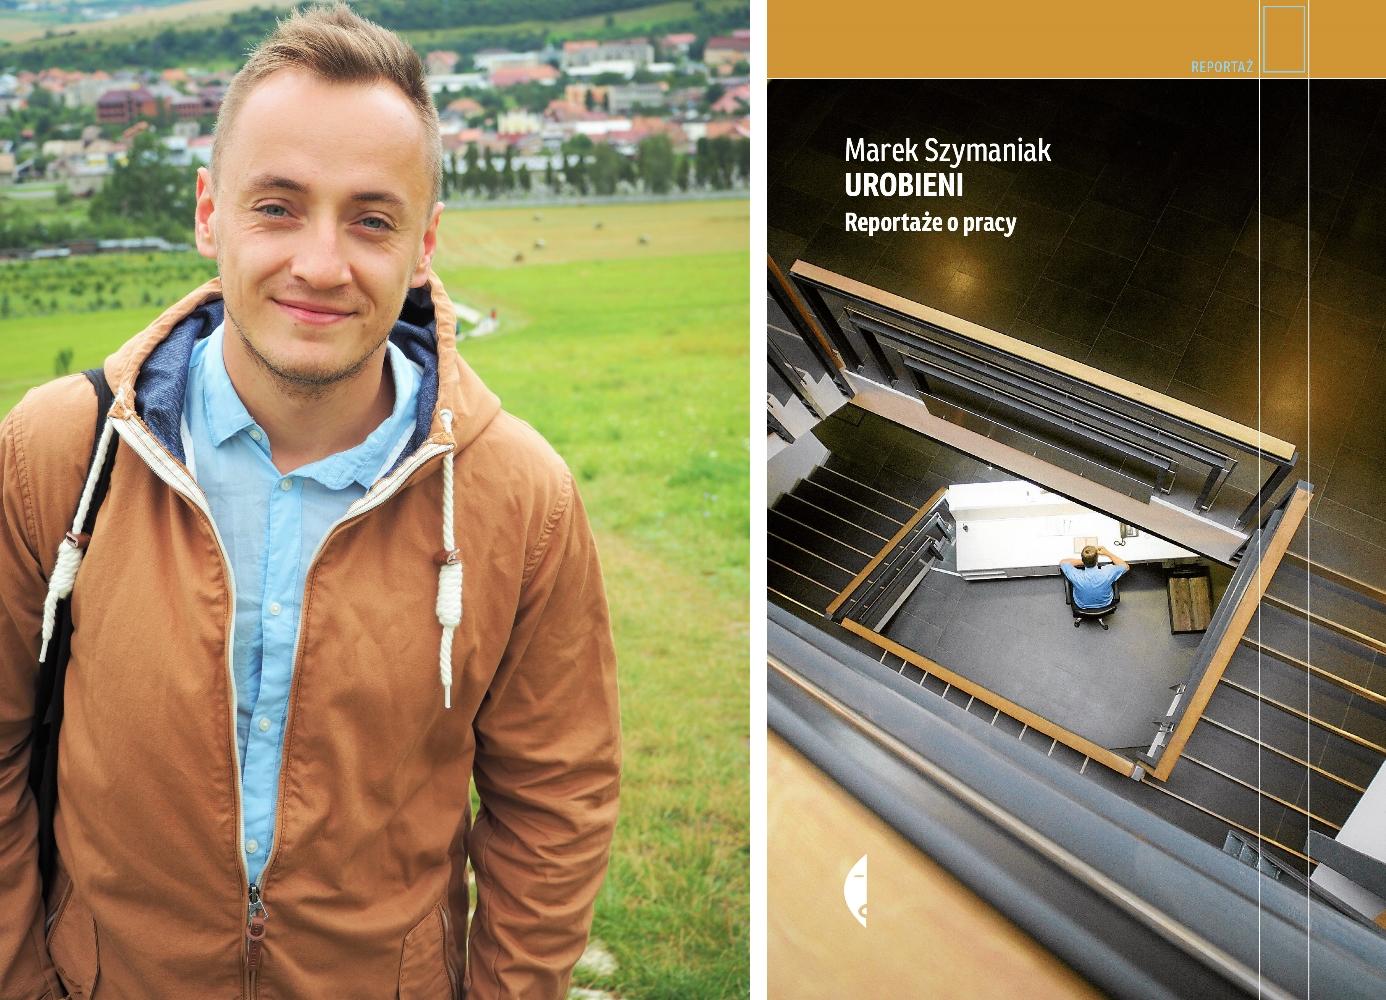 Książka 'Urobieni' Marka Szymaniaka ukazała się nakładem Wydawnictwa Czarne (fot. Anna Brodzi / mat. promocyjne)